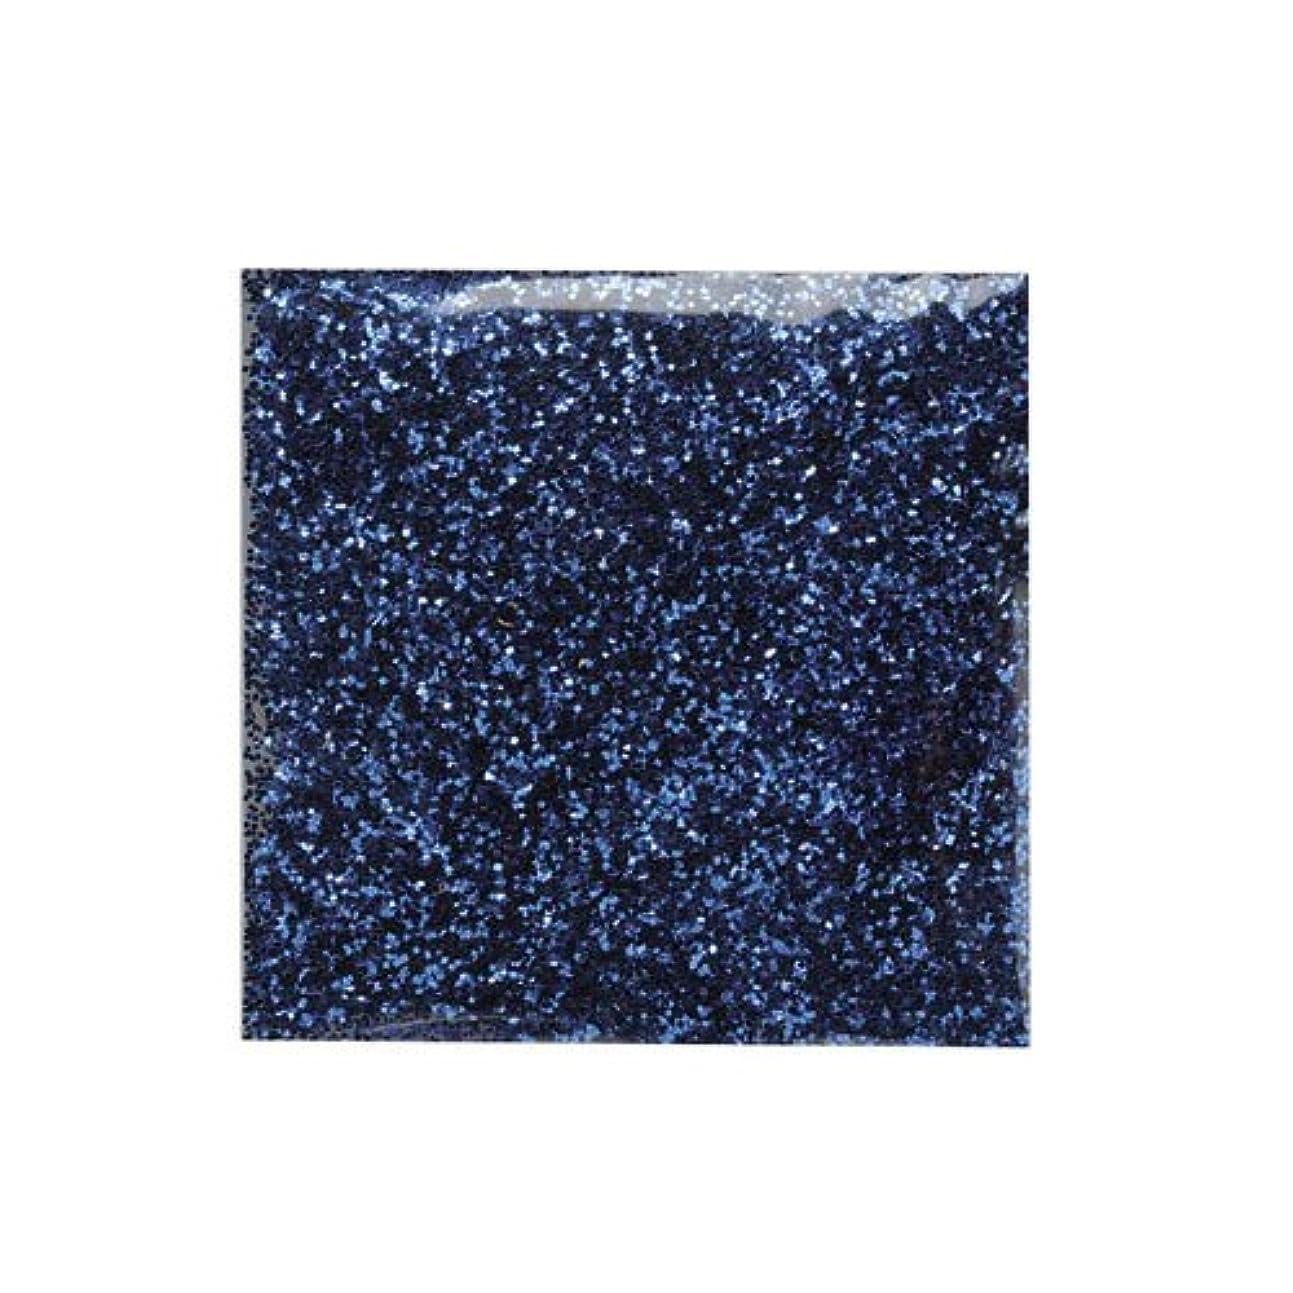 提唱するブラザーエスカレートピカエース ネイル用パウダー ピカエース ラメメタリック M #536 ブルー 2g アート材